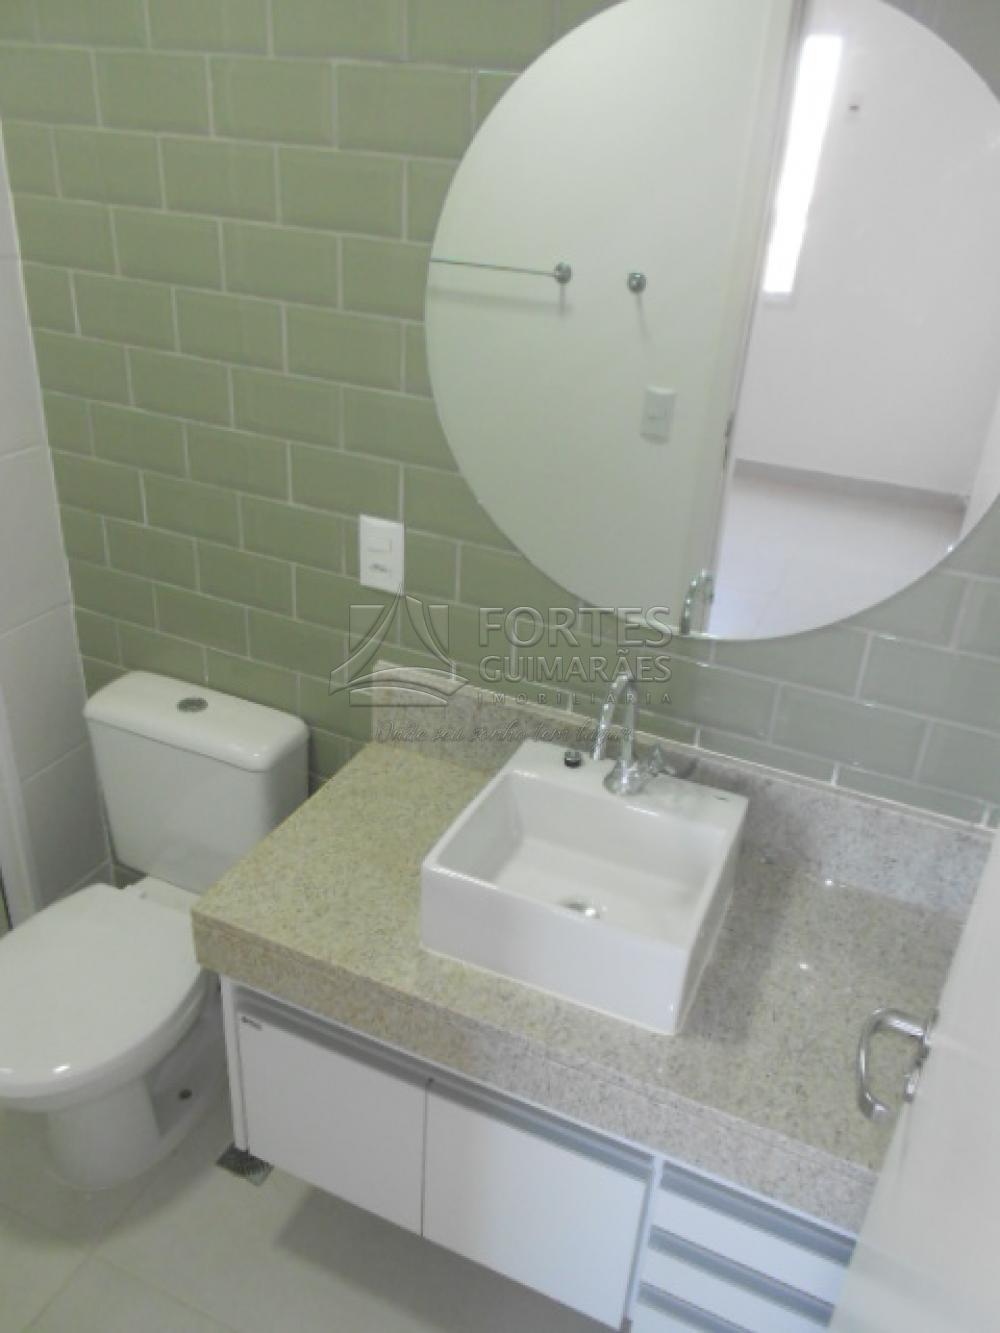 Alugar Apartamentos / Padrão em Ribeirão Preto apenas R$ 1.500,00 - Foto 20